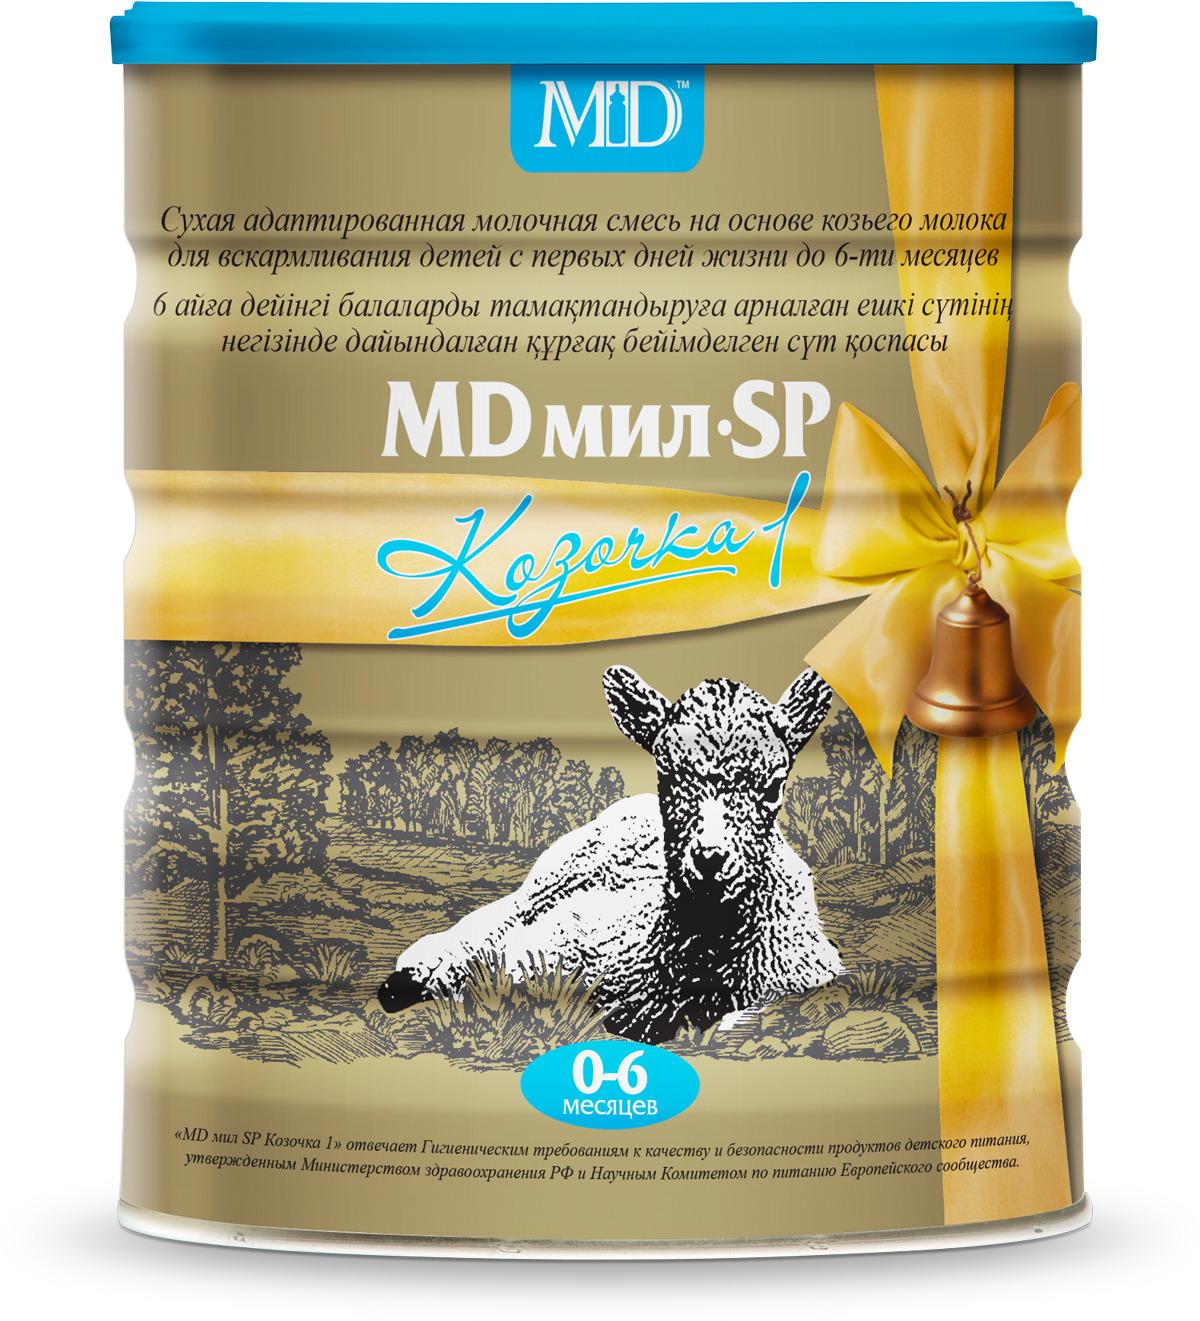 MD Мил SP Козочка 1 Смесь молочная с 0 до 6 месяцев, 800 г